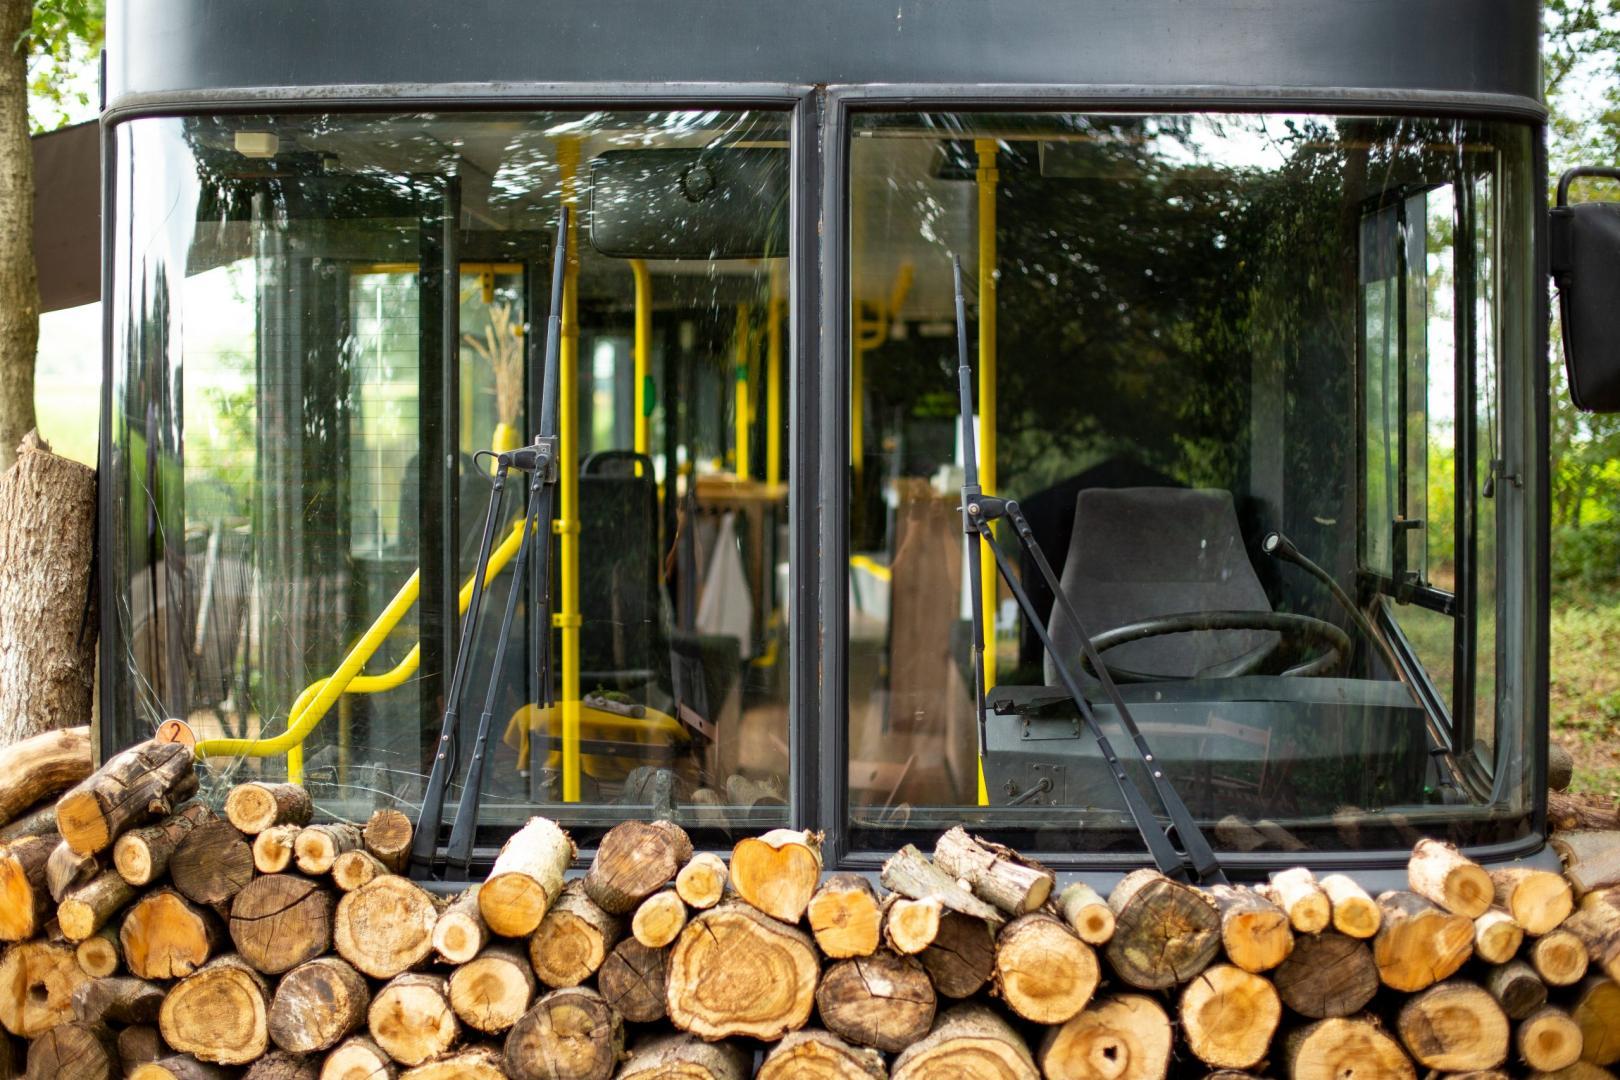 Overnachten in een dubbeldekkerbus in het bos